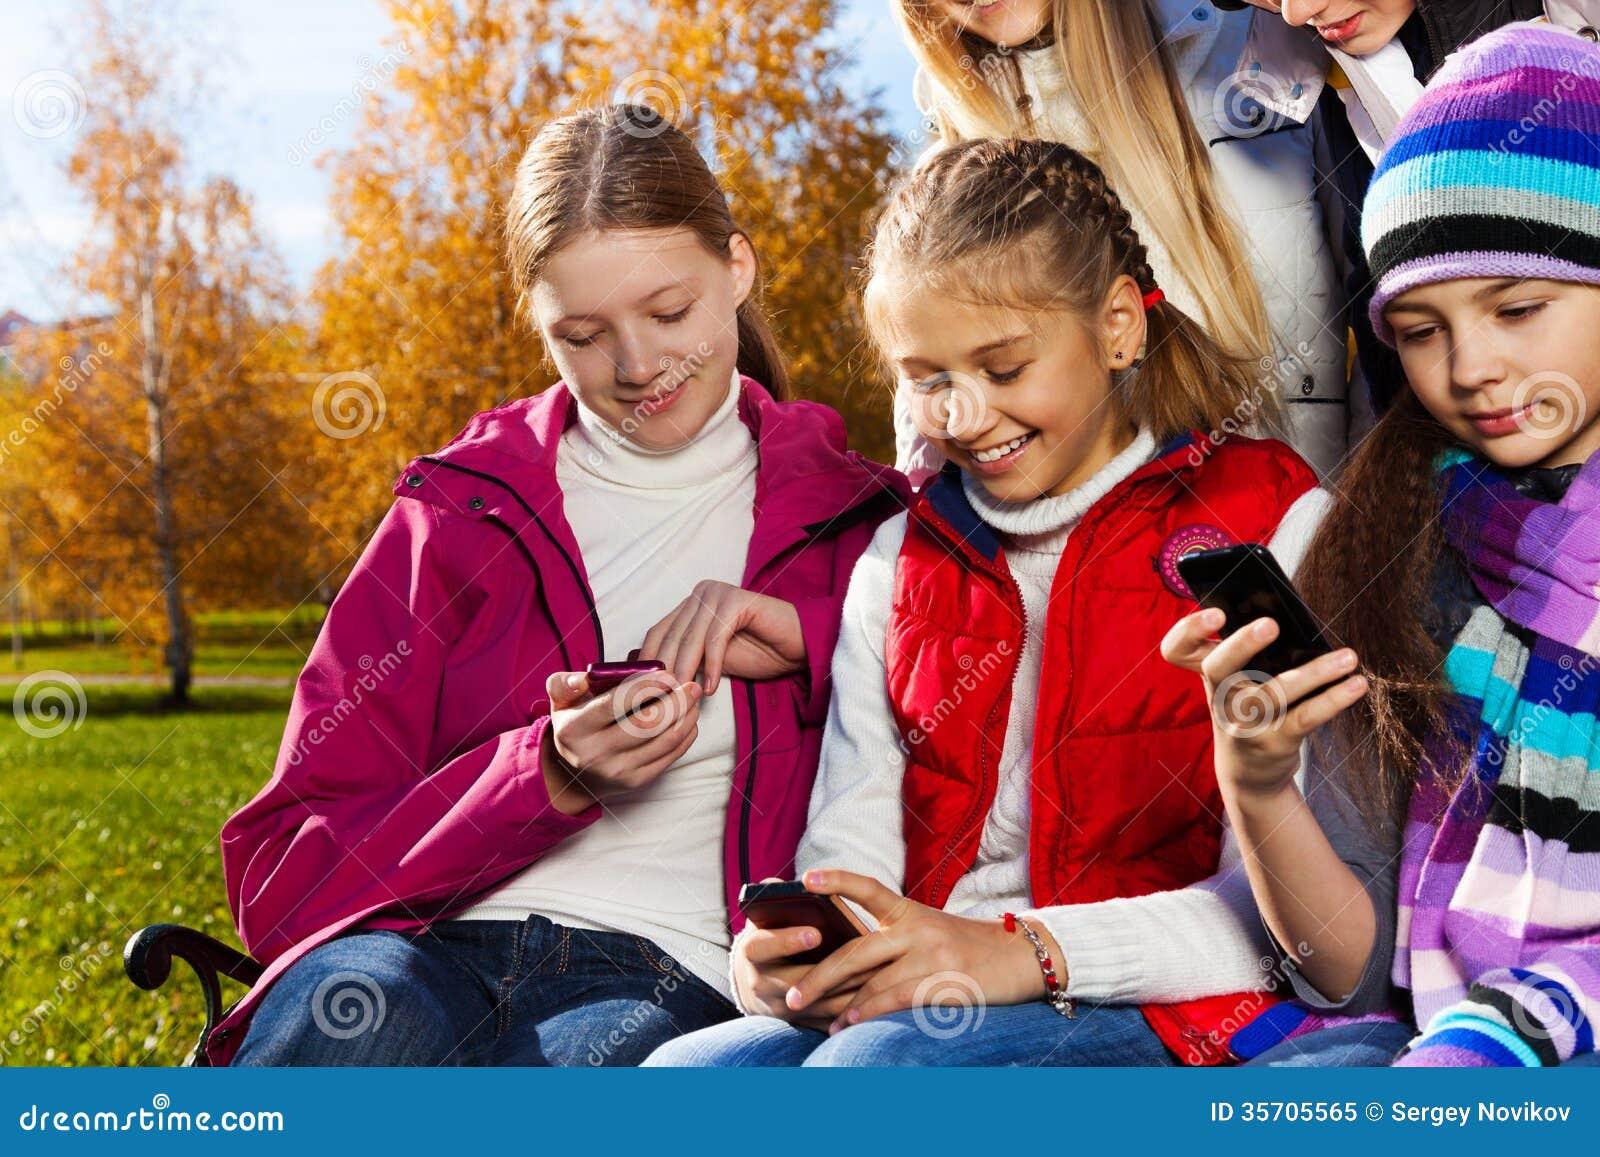 青少年的孩子繁忙与手机 免版税库存照片 - 图片图片